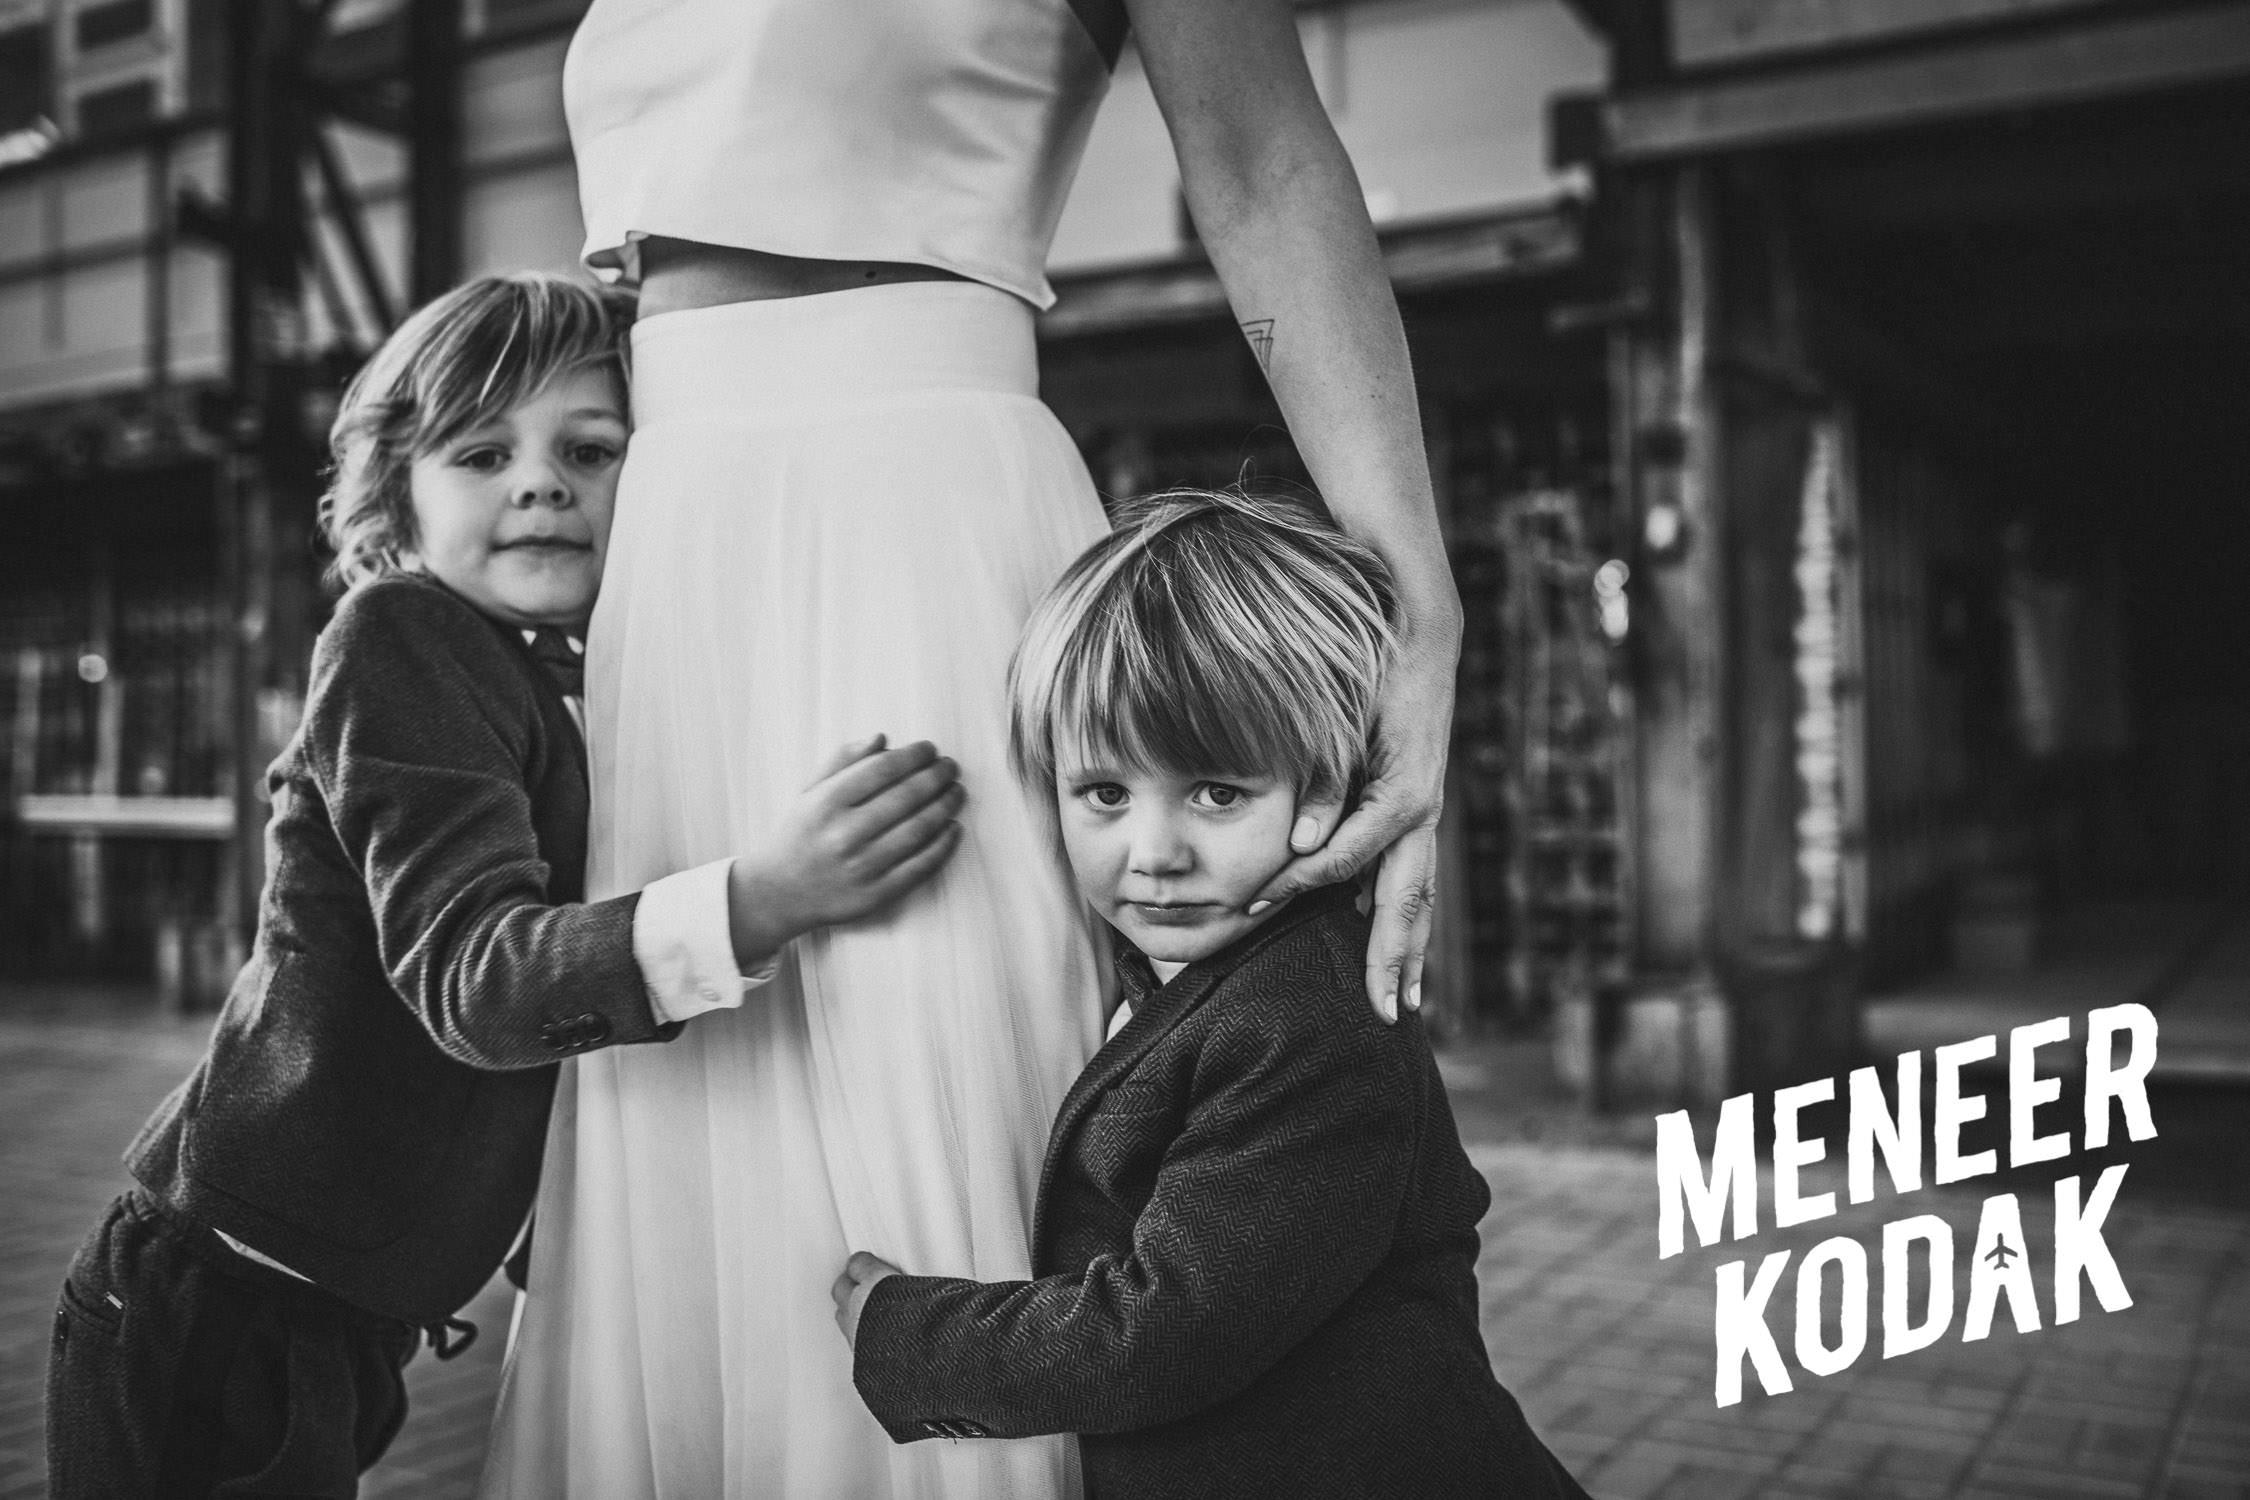 Meneer Kodak - Bruidsfotograaf - Breda - S&R-076.jpg